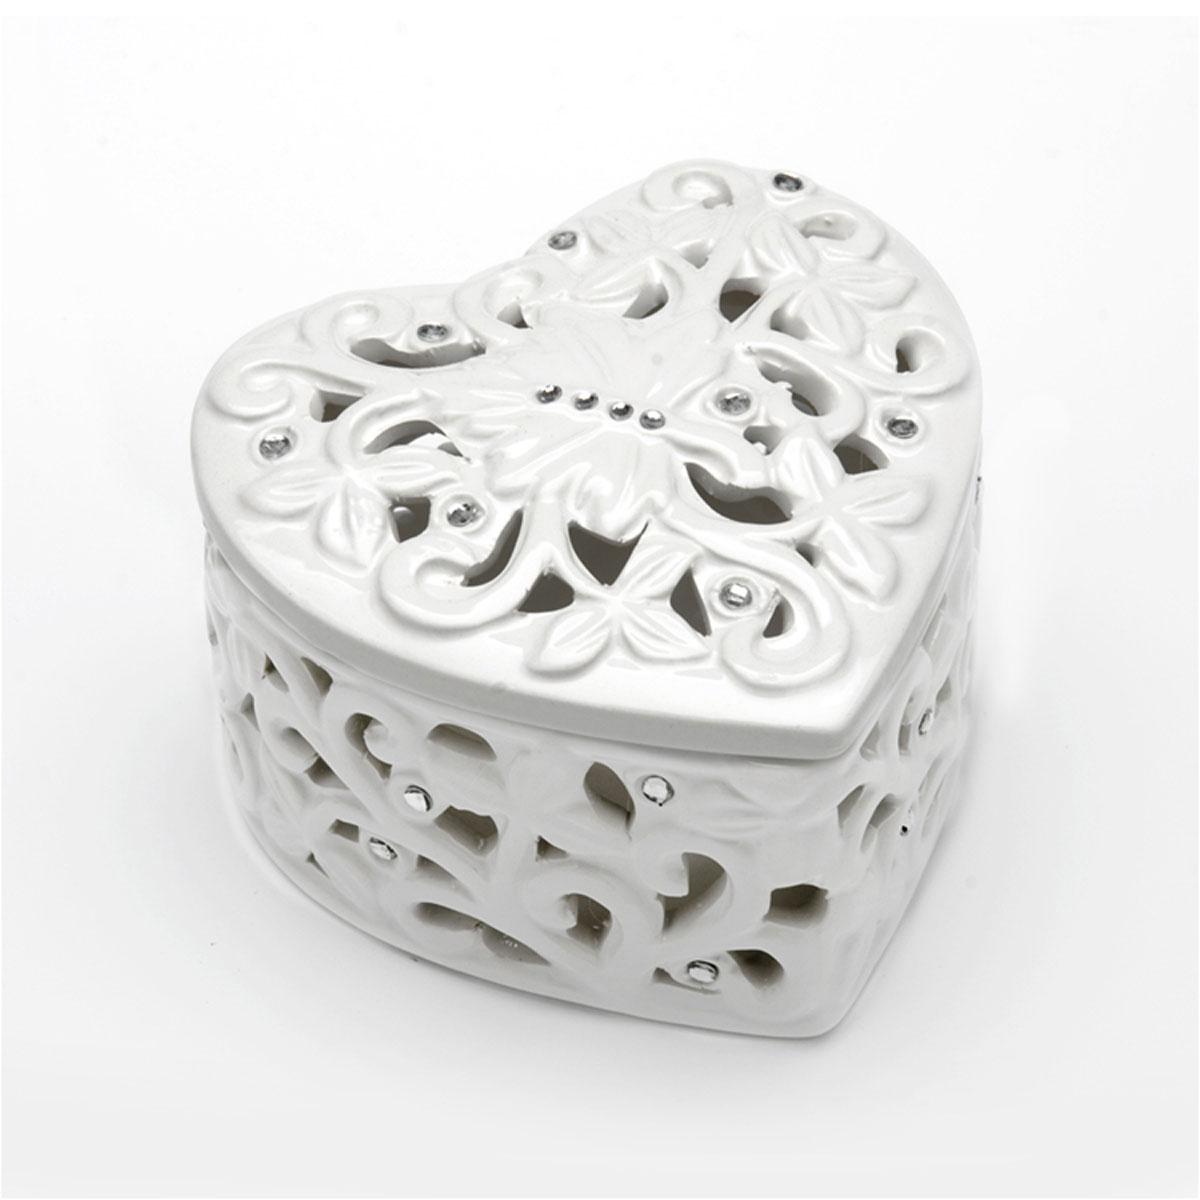 Шкатулка декоративная Loraine Сердце, 11 х 10,5 х 6,5 смSO02600Шкатулка декоративная Loraine Сердце, украшенная оригинальным ажурным узором и стразами, удачно украсит ваш интерьер. Изделие выполнено из доломита. Стильная форма и интересное исполнение идеально впишутся в любой стиль интерьера, а универсальный цвет подойдет к любой мебели.Такая шкатулка может использоваться для хранения бижутерии, а также послужит хорошим подарком для человека, ценящего практичные и оригинальные вещицы.Размер шкатулки: 11 х 10,5 х 6,5 см.